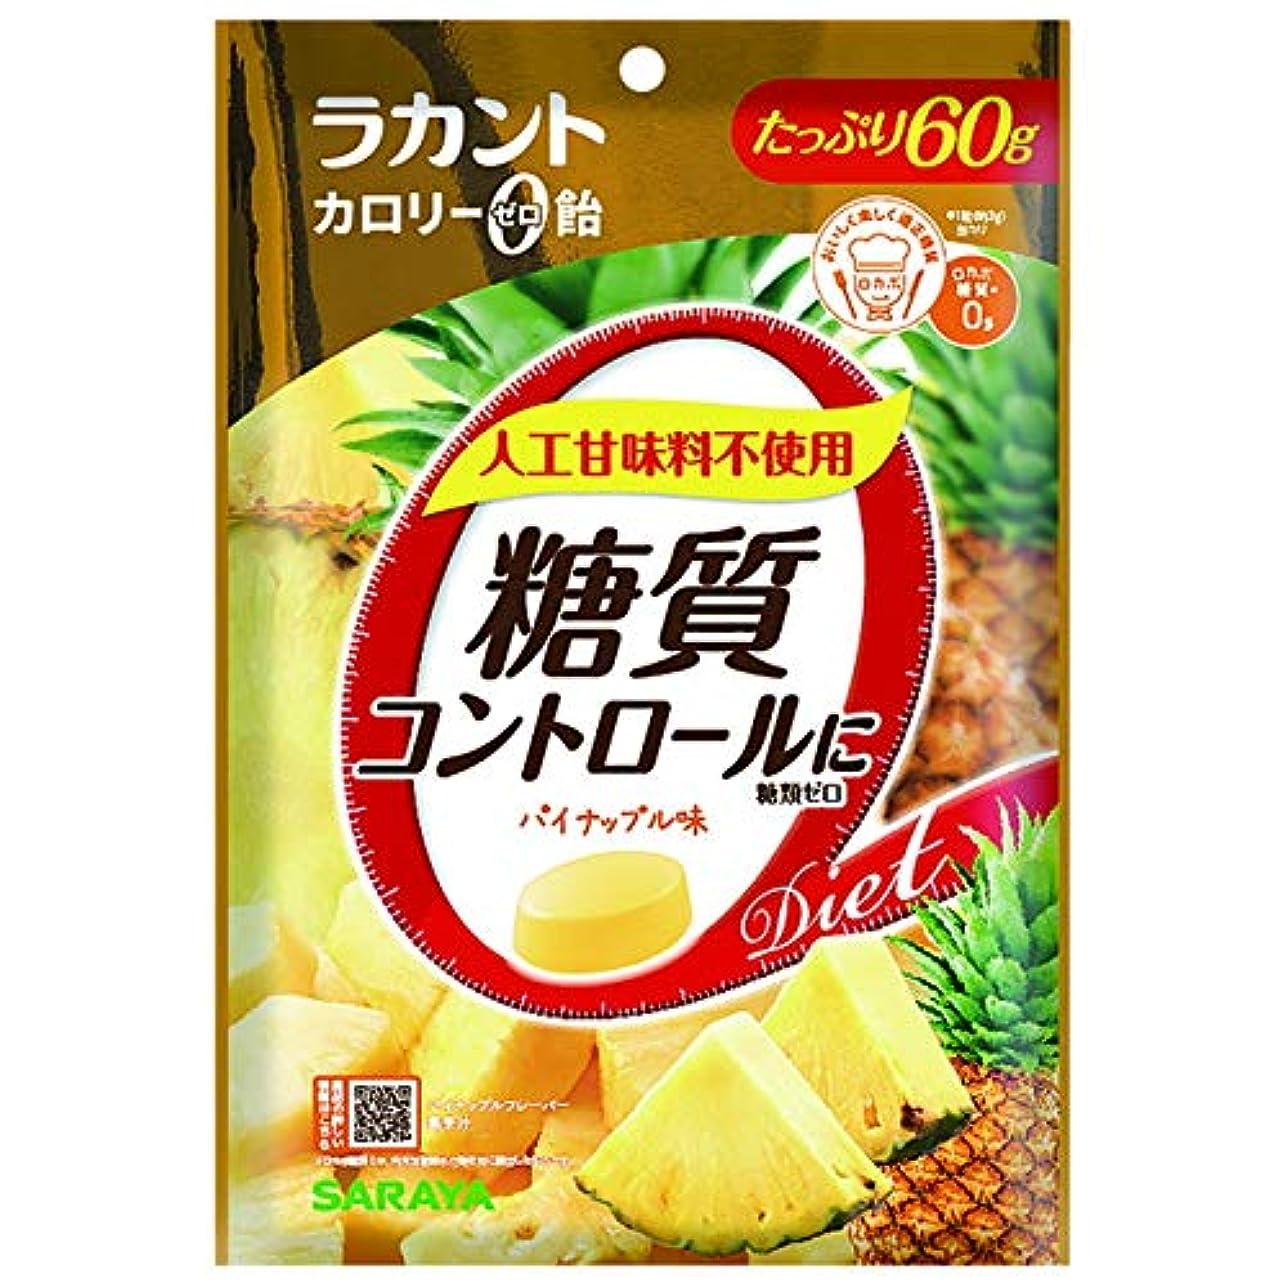 寄付するぼんやりした医師ラカント カロリーゼロ飴 パイナップル 60g【3個セット】